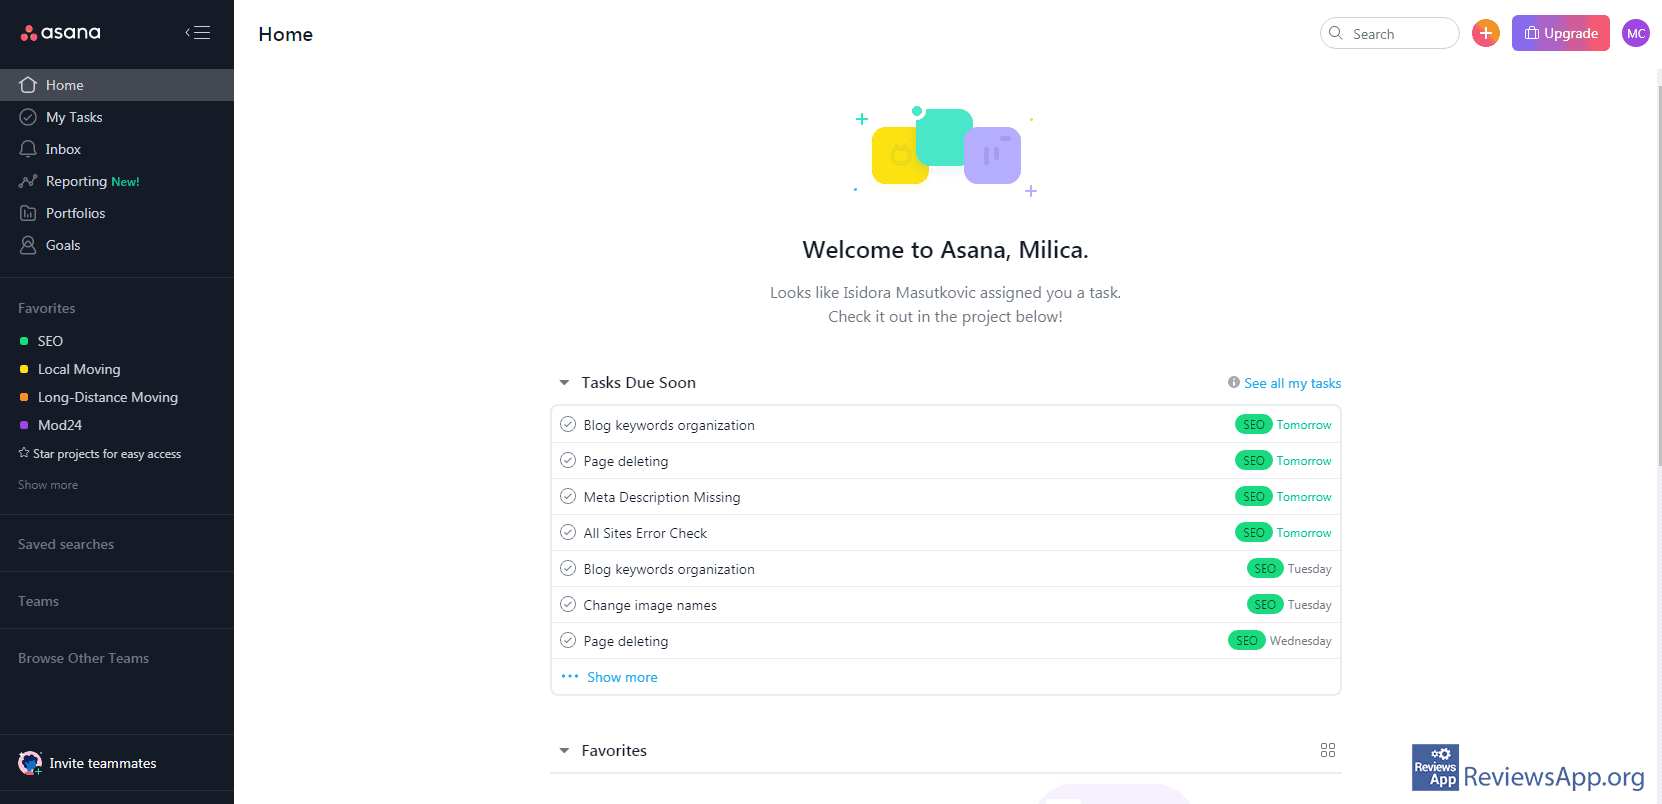 Asana menu